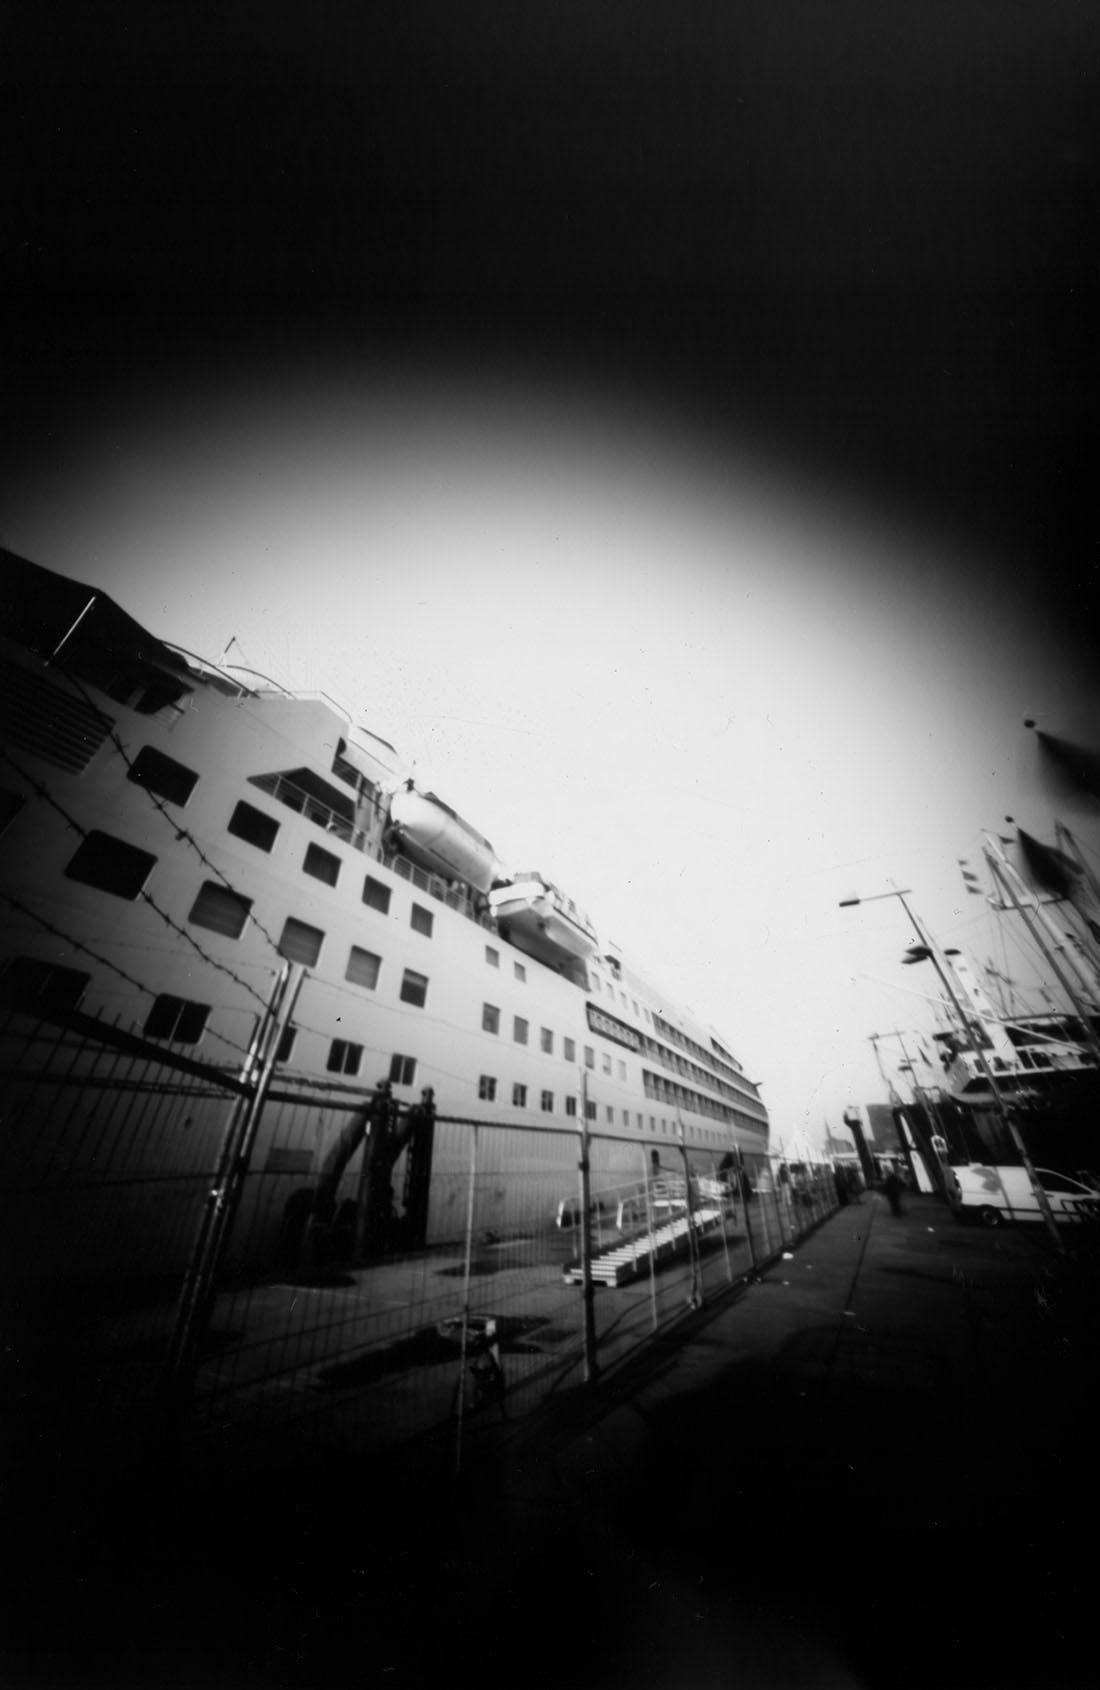 Kreuzfahrtschiff Silver Wind